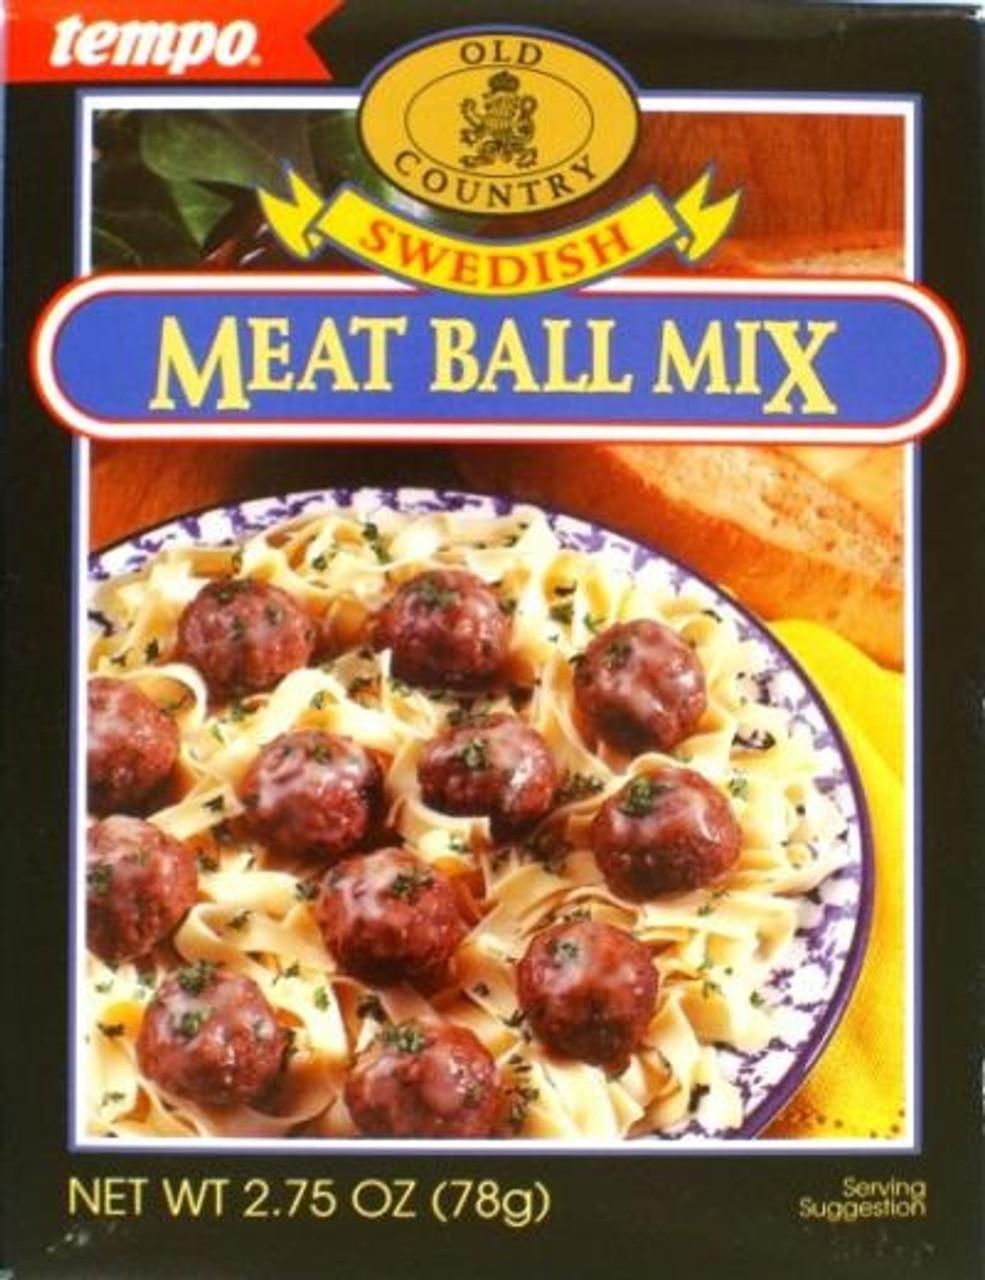 tempo swedish meatball mix 78g - marina market